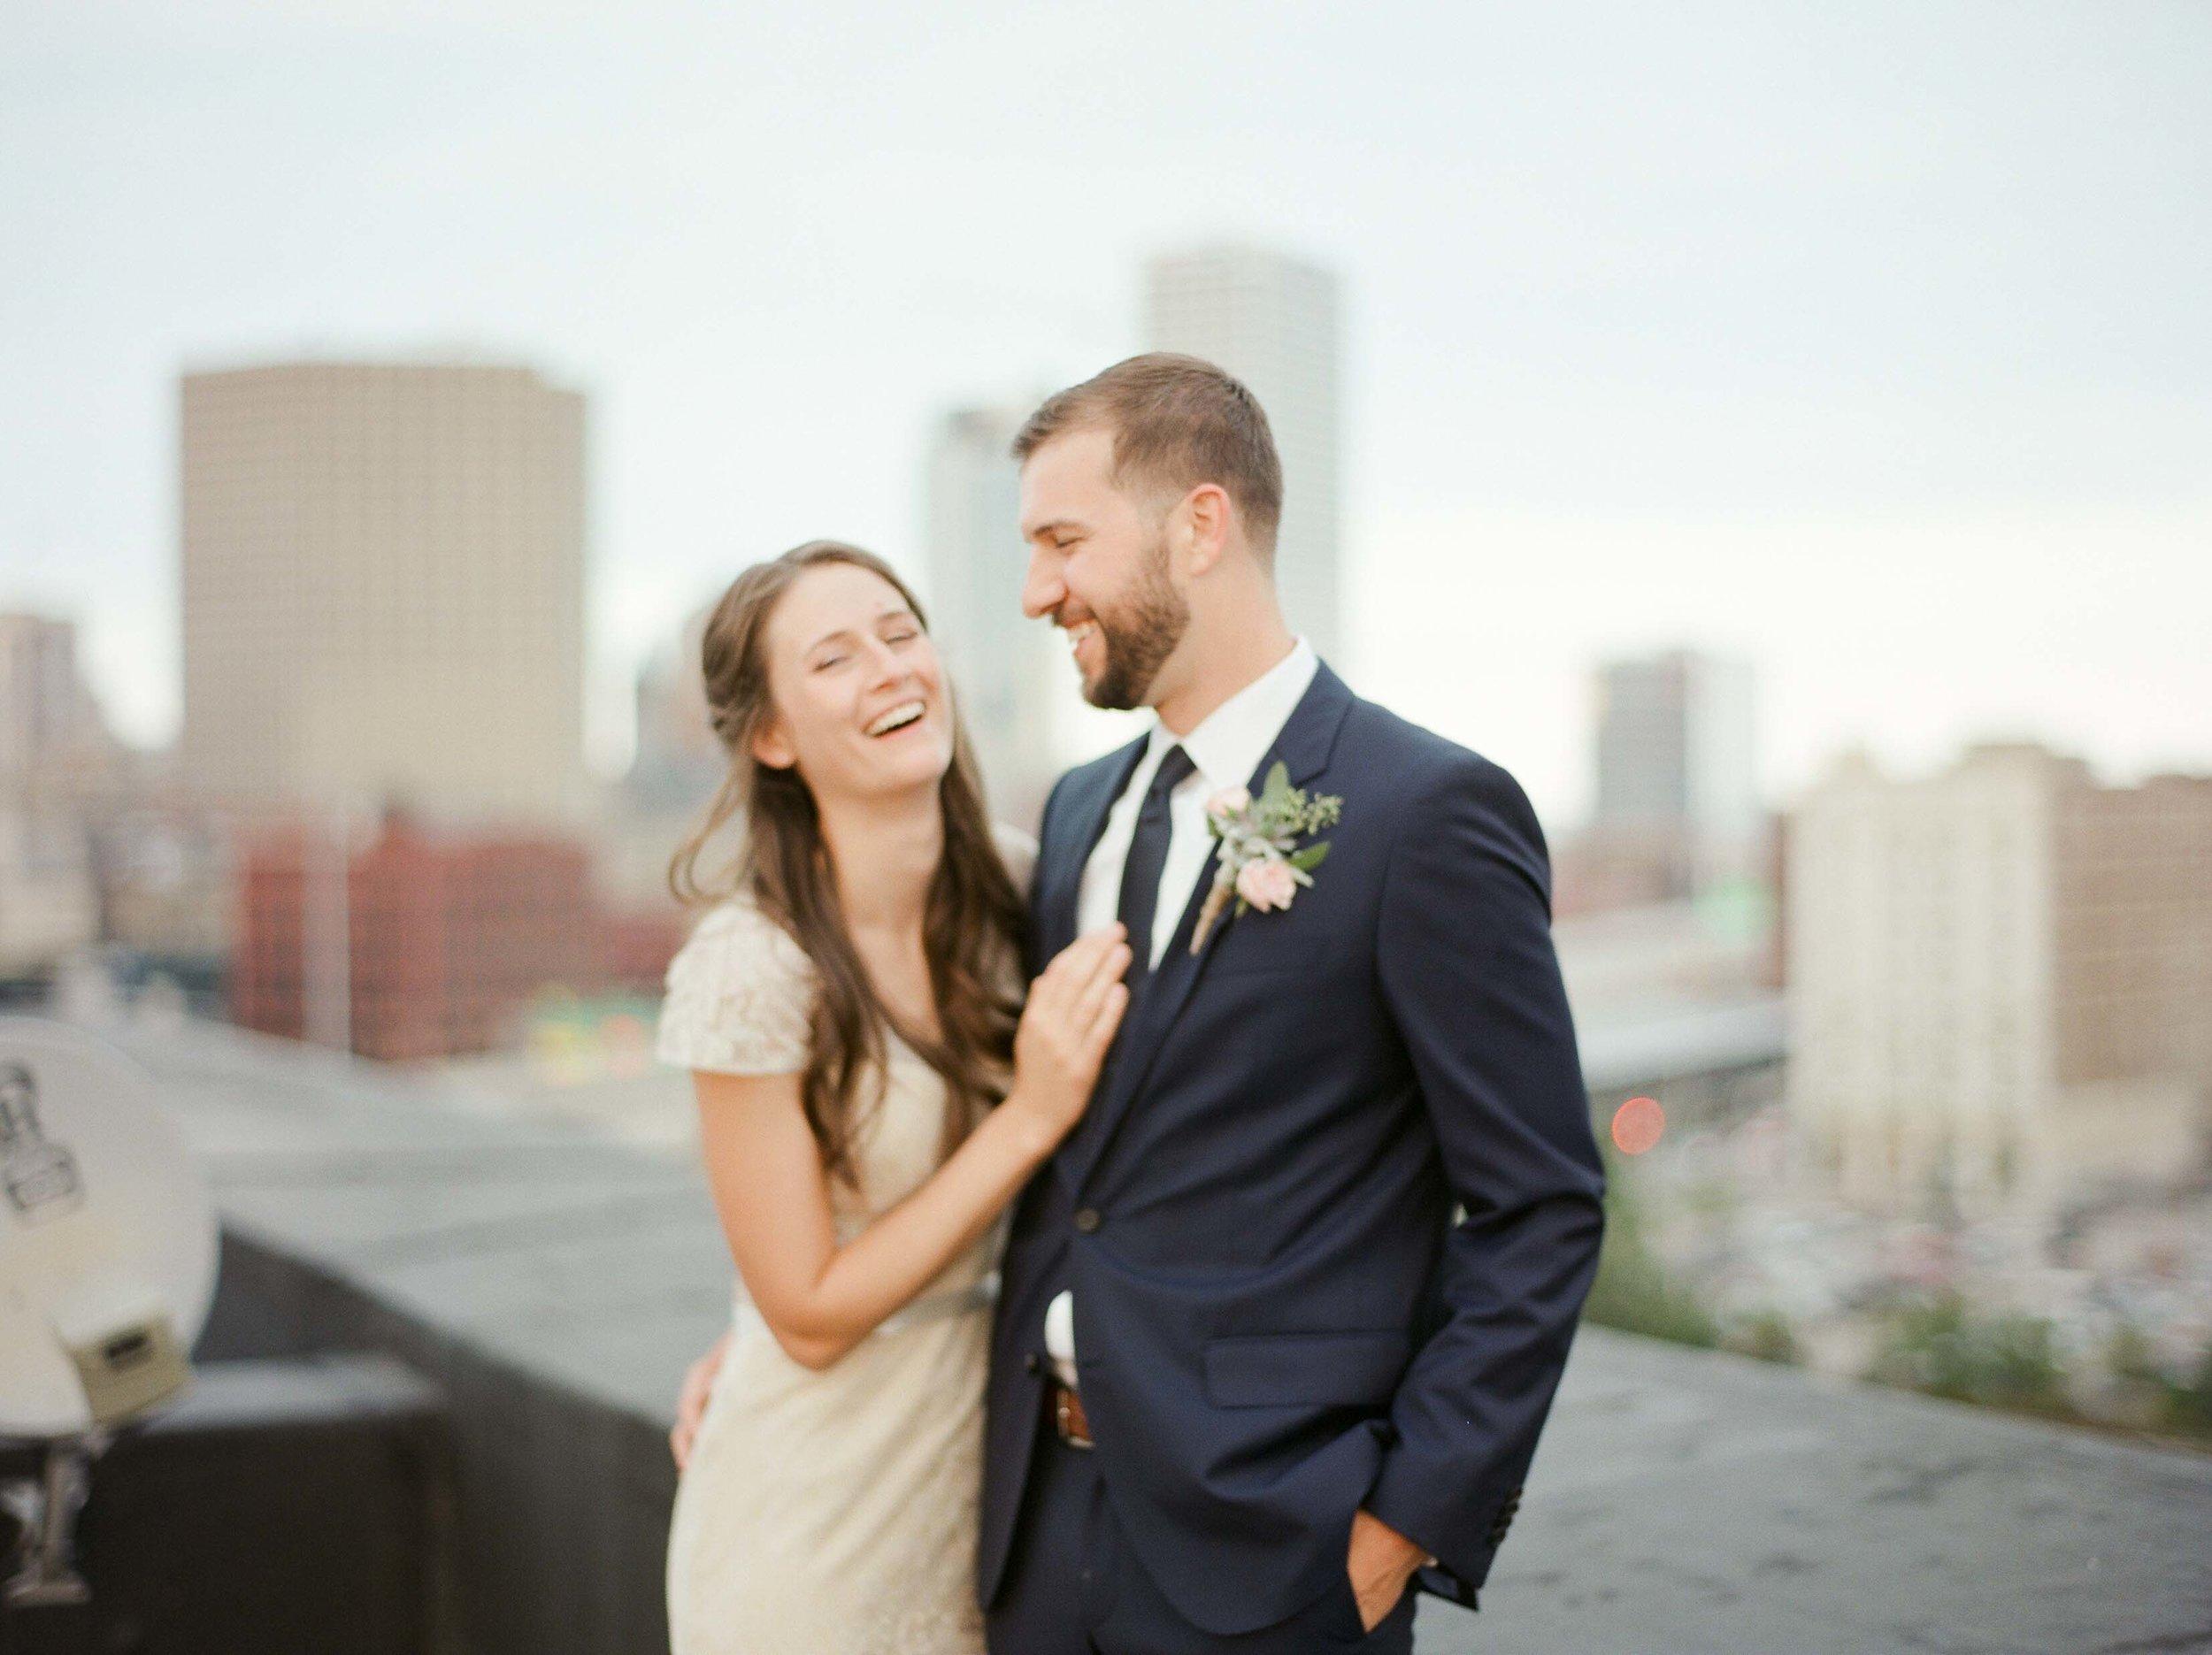 kateweinsteinphoto_clairewillie_wedding-572.jpg